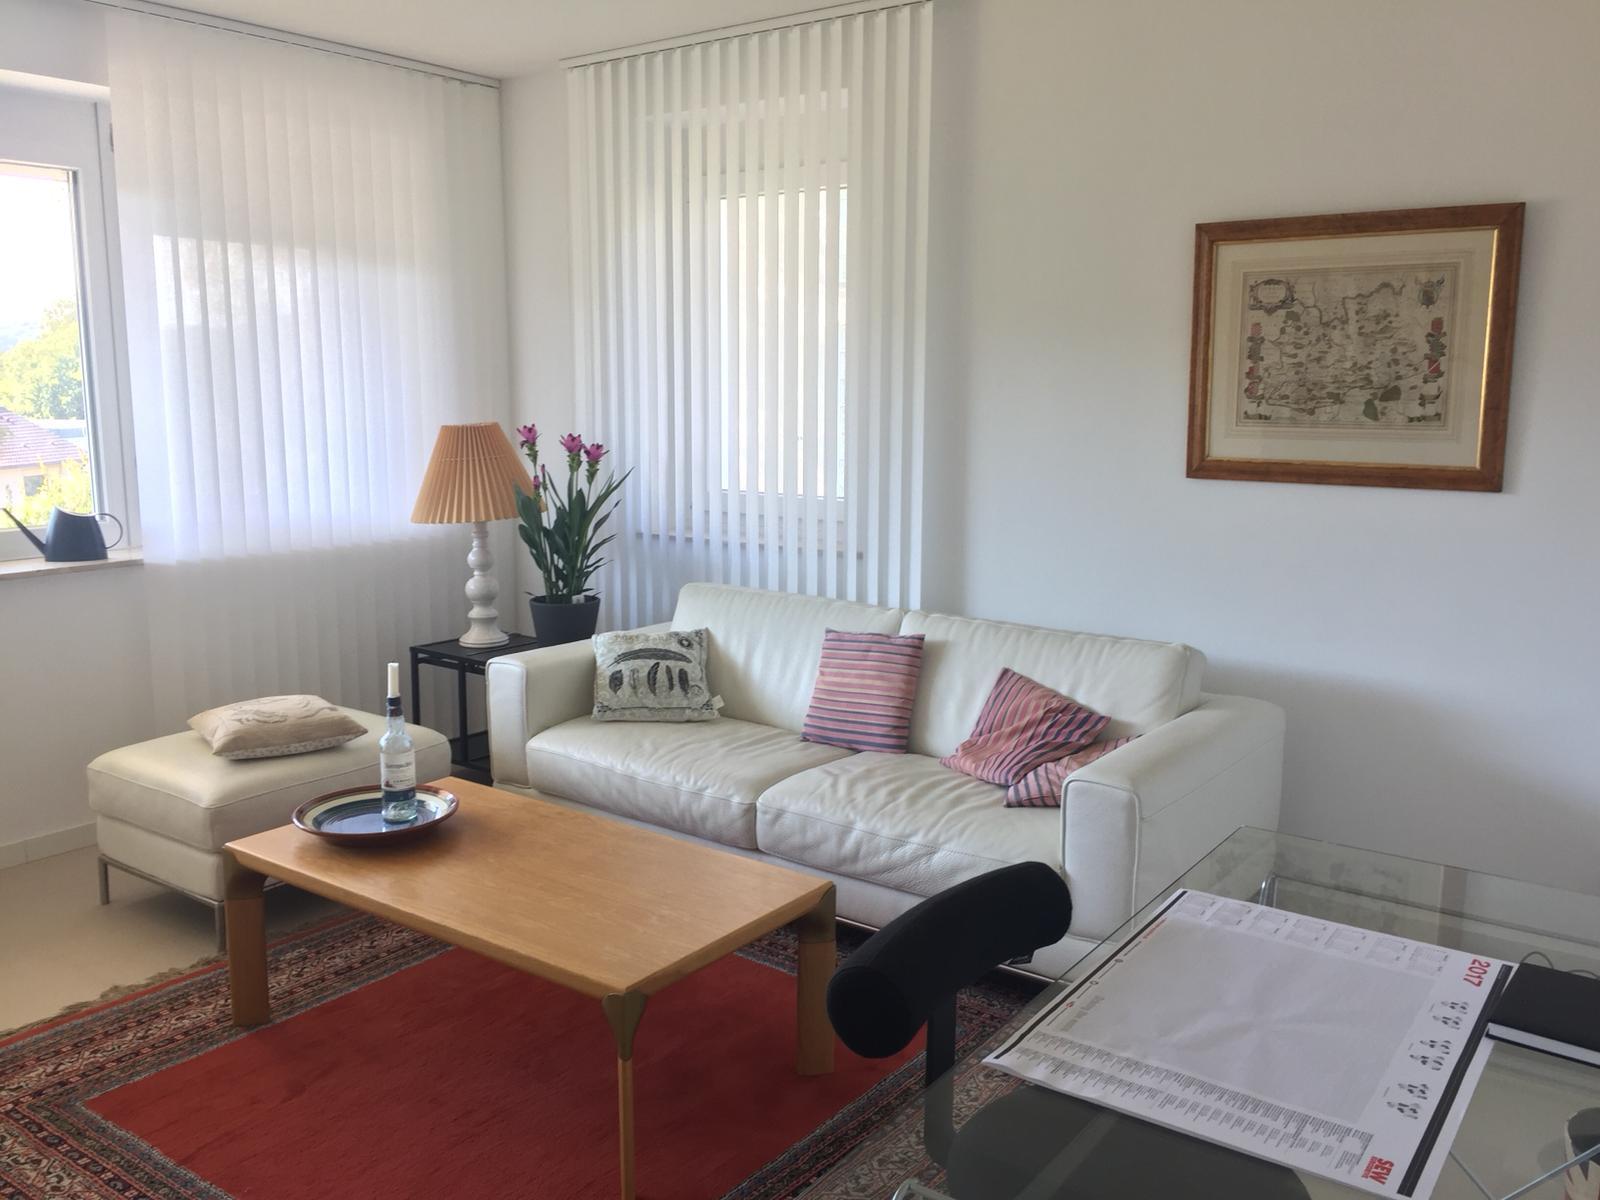 Wohnzimmer mit Ledercouch und Schreibtisch